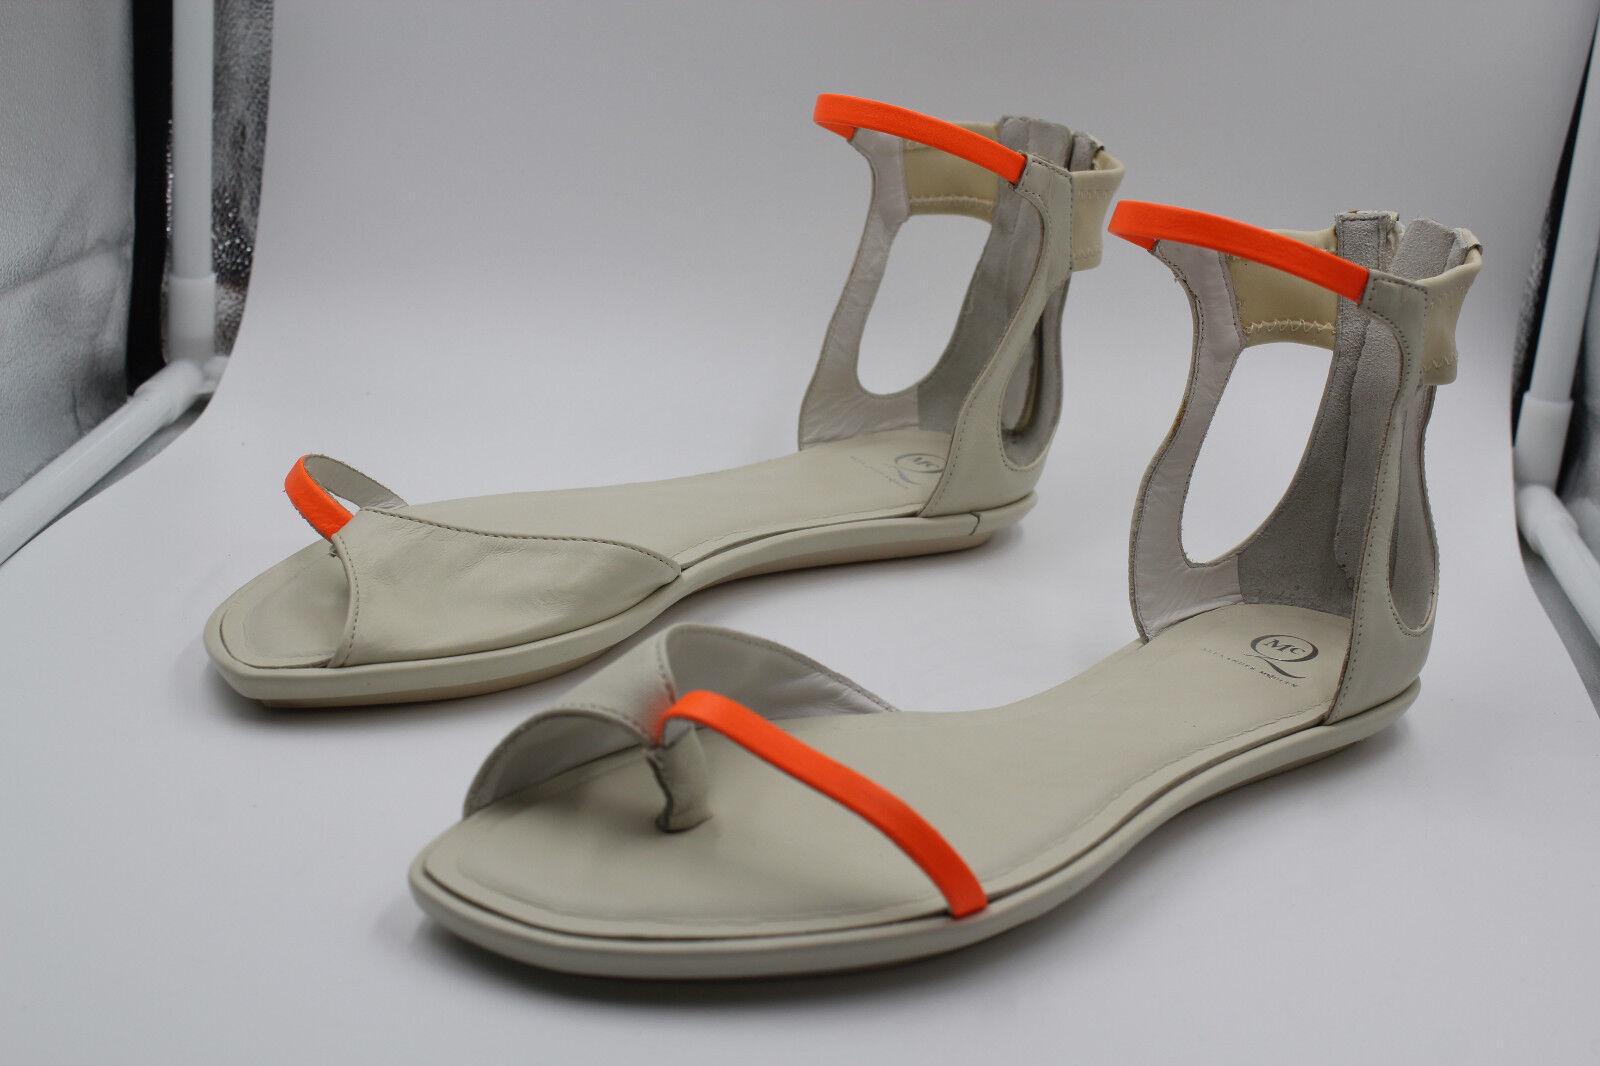 comprare sconti ALEXANDER MCQUEEN SANDALS scarpe WS005 NAPPA BONE IVORY IVORY IVORY Dimensione 6.5  vendita online risparmia il 70%